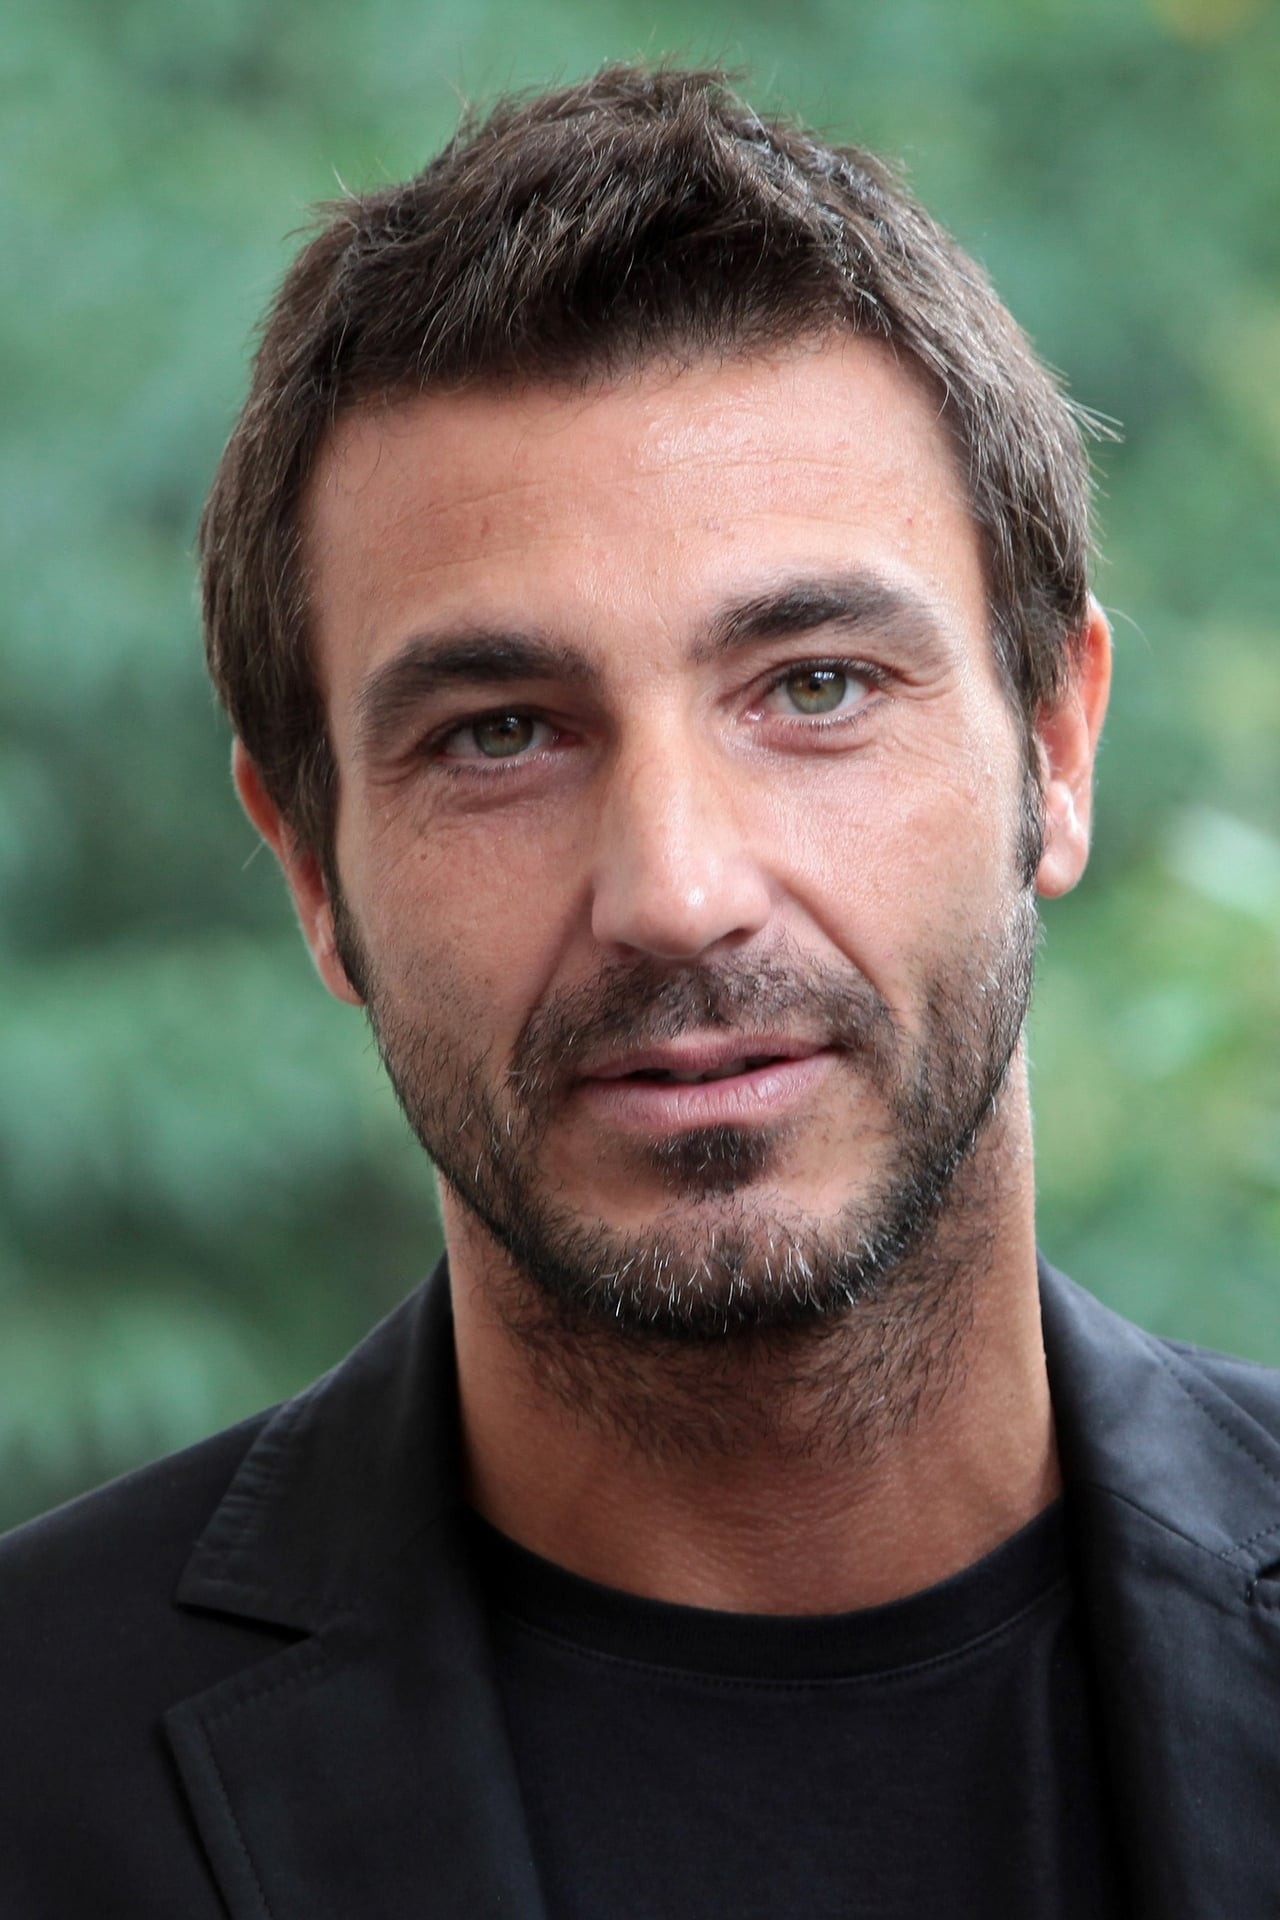 Daniele Liotti isTito Valerio Tauro